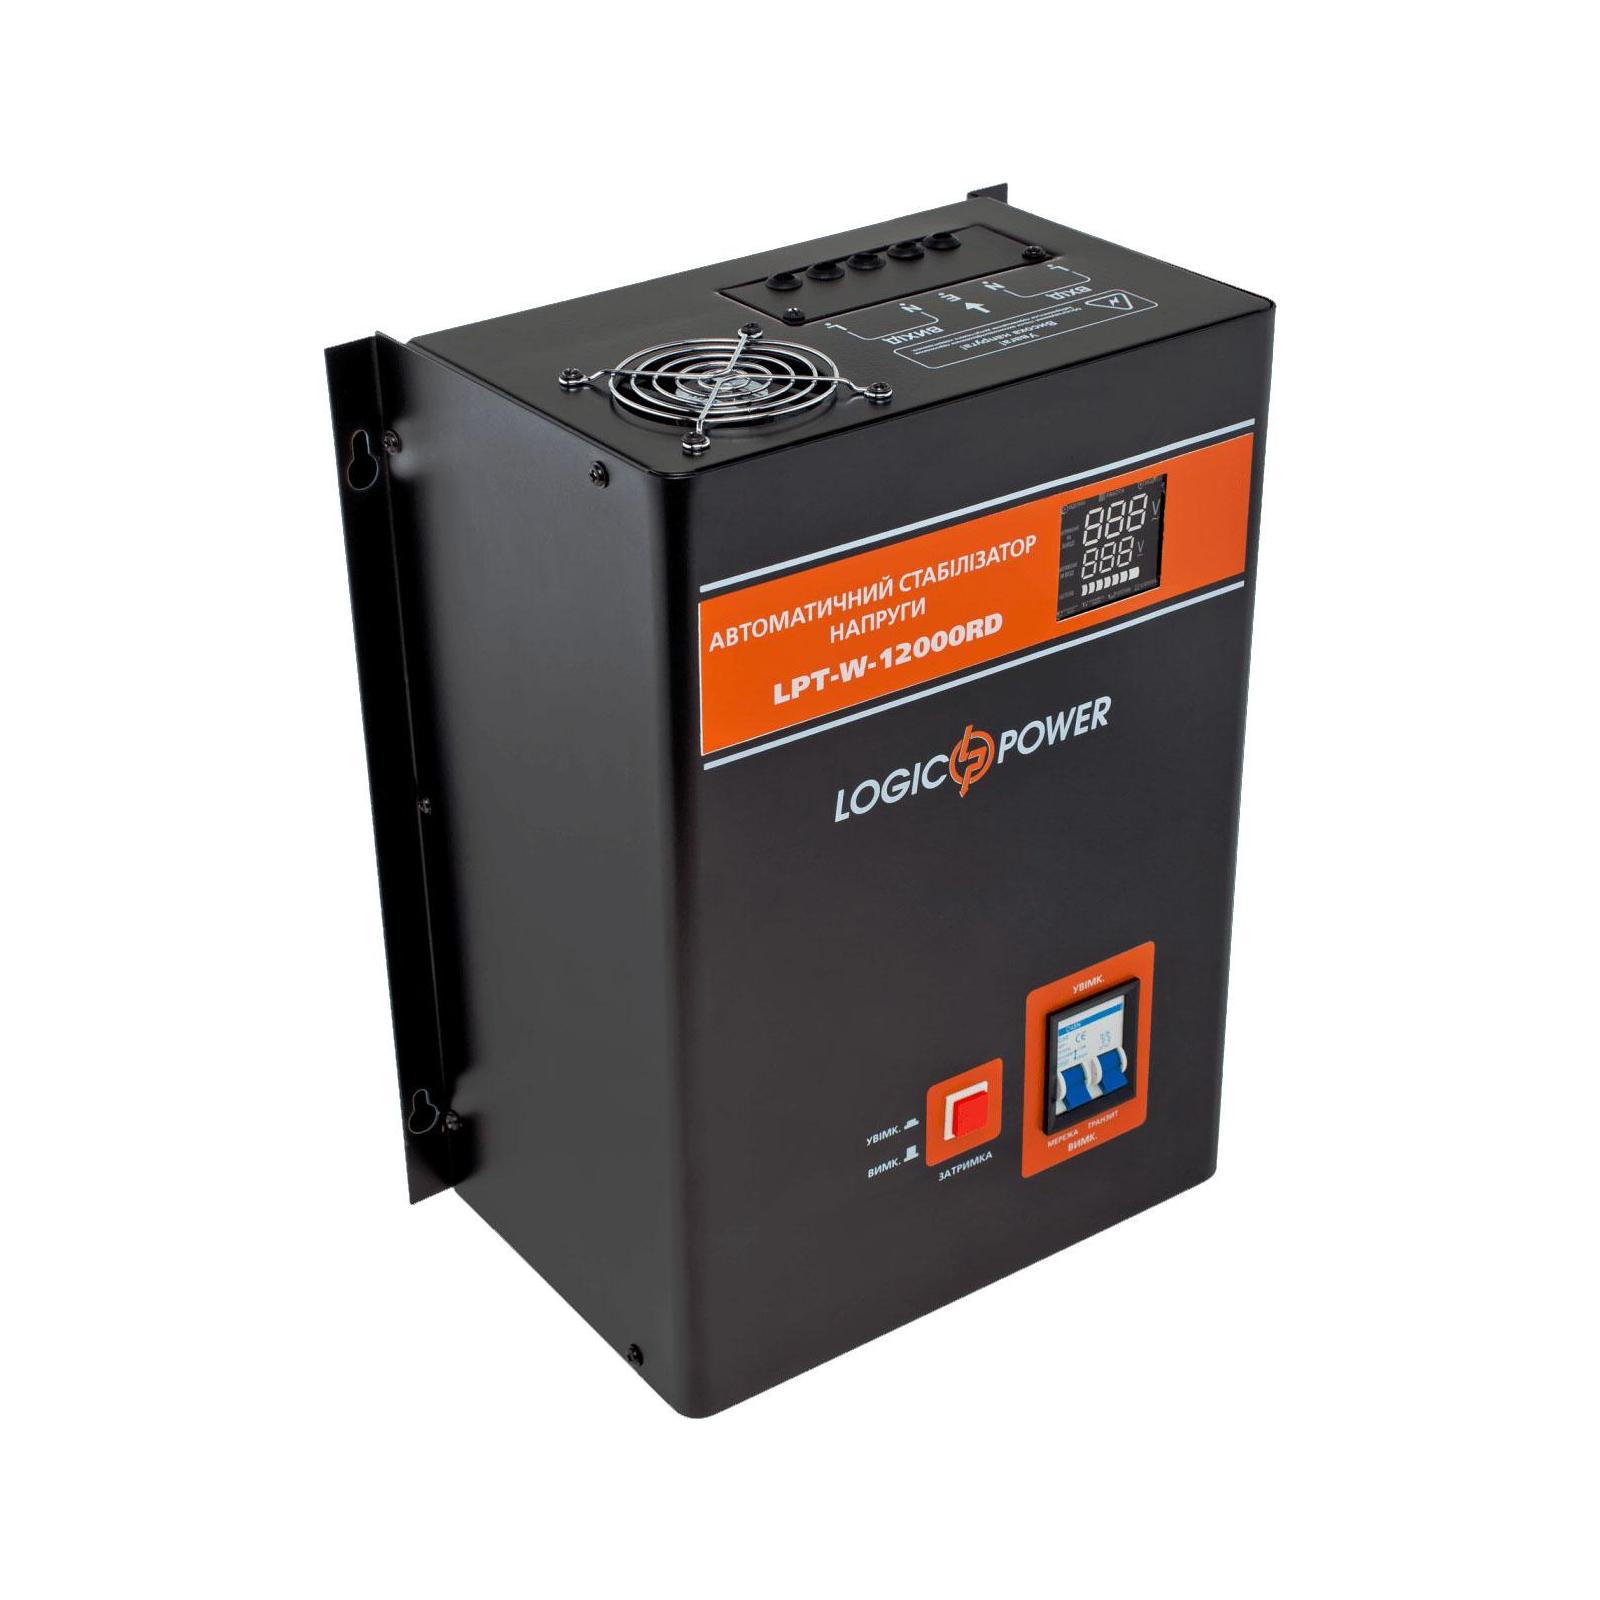 Стабилизатор LogicPower LPT-W-12000RD BLACK (8400W) (6613)